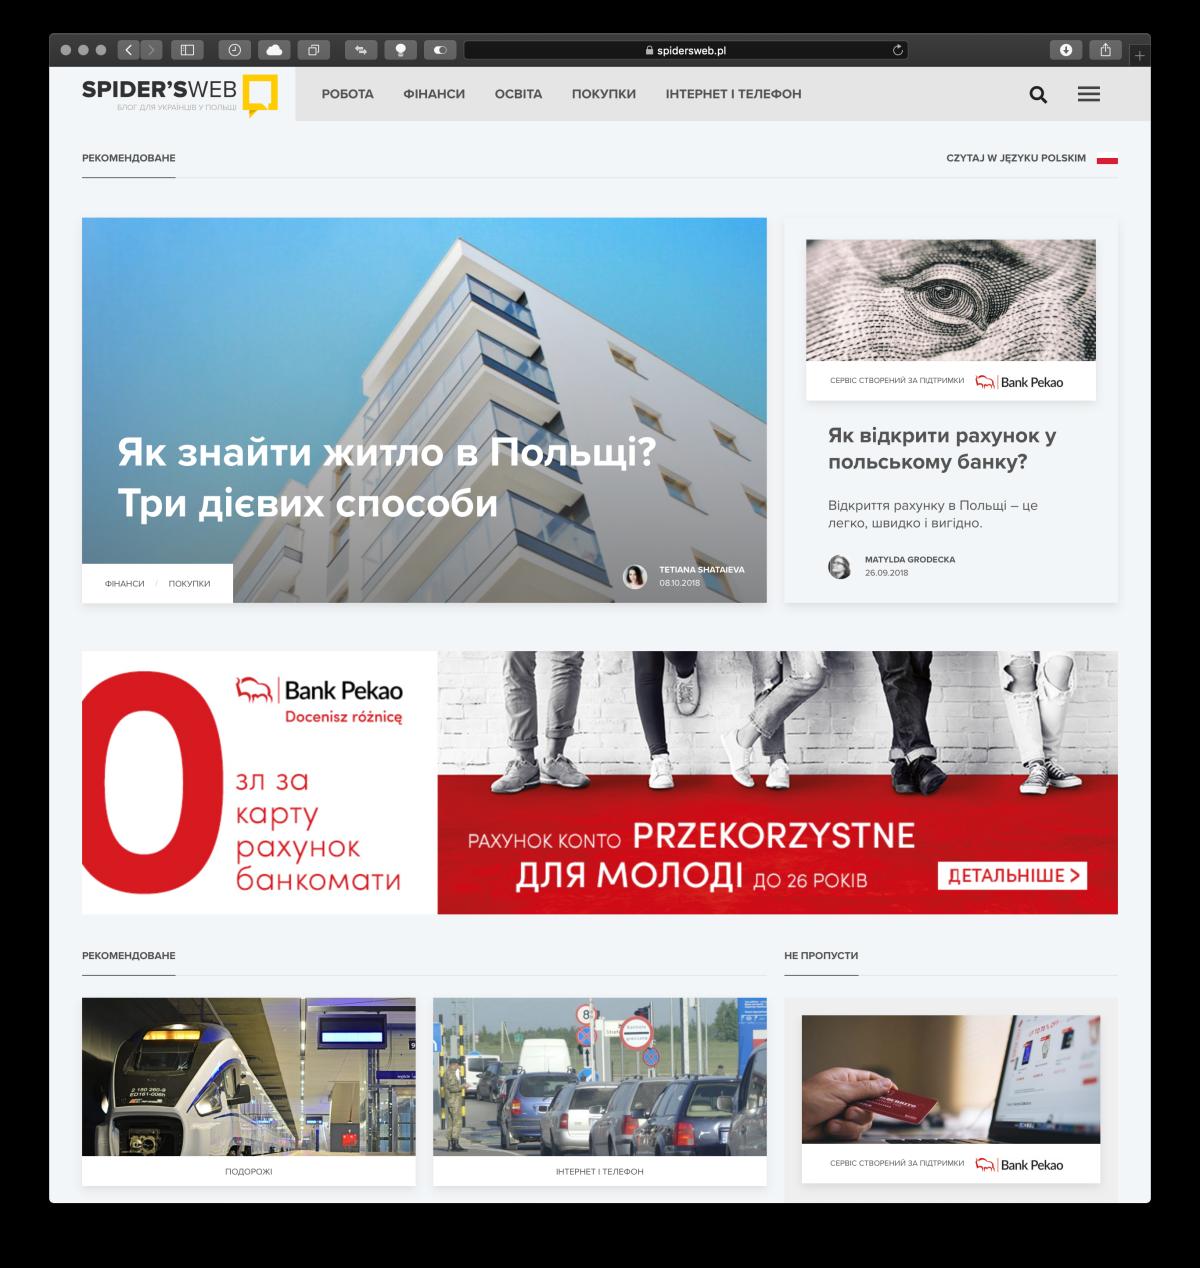 Spider's Web Ukraina - blog dla Ukraińców w Polsce